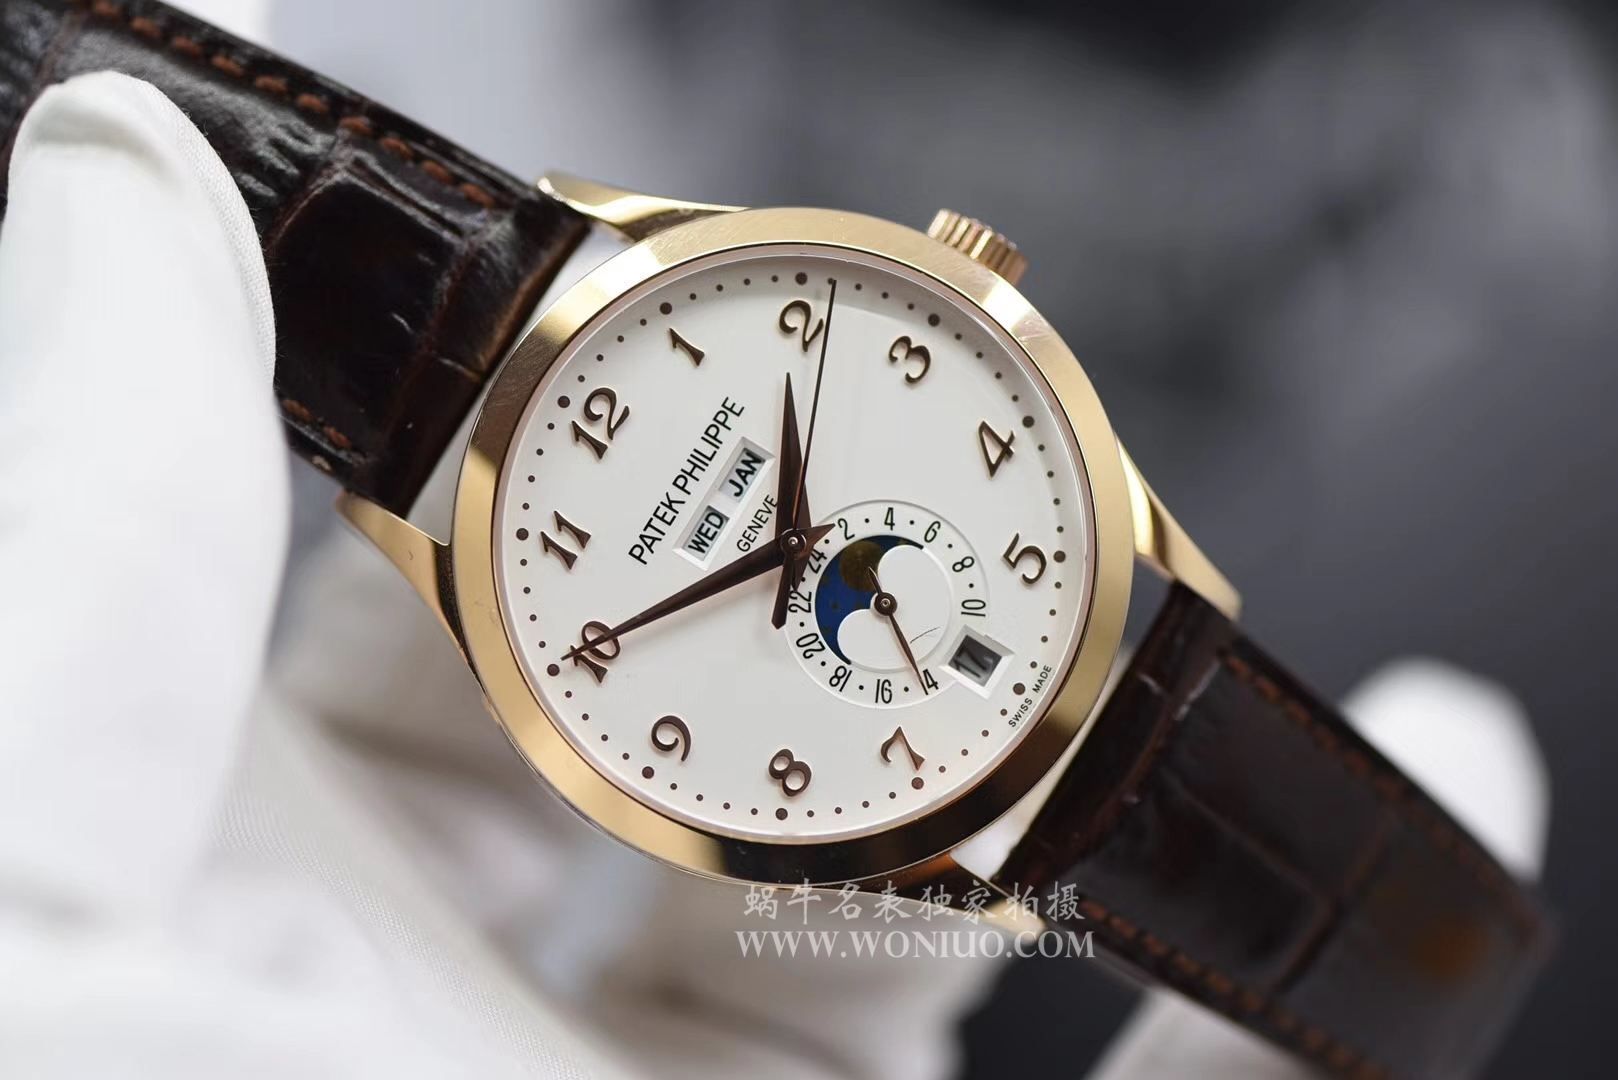 【台湾厂1:1超A高仿手表】百达翡丽复杂功能计时系列5396R-011腕表 / BD171